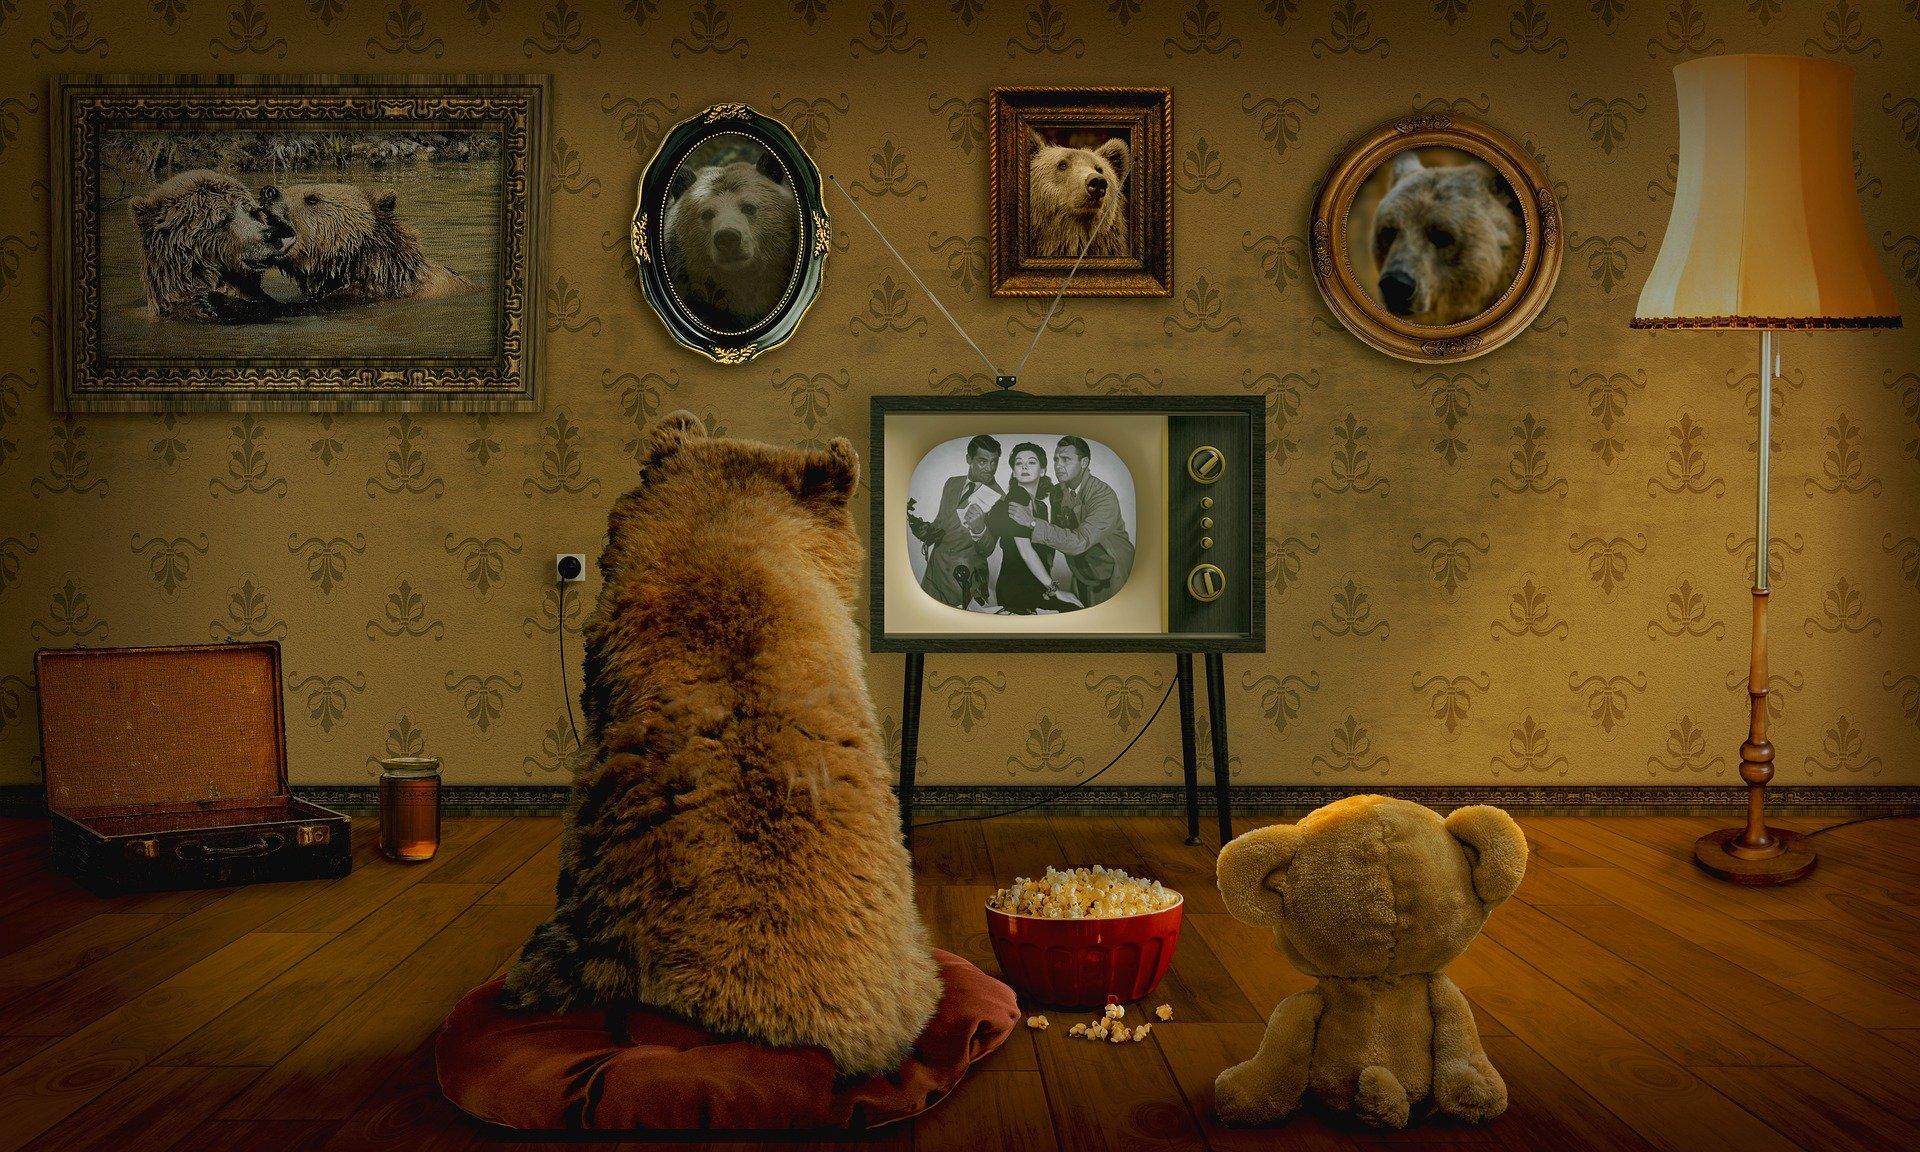 un orso e un orsacchiotto di spalle mentra guardano un vecchio programma alla tv mangiando pop corn